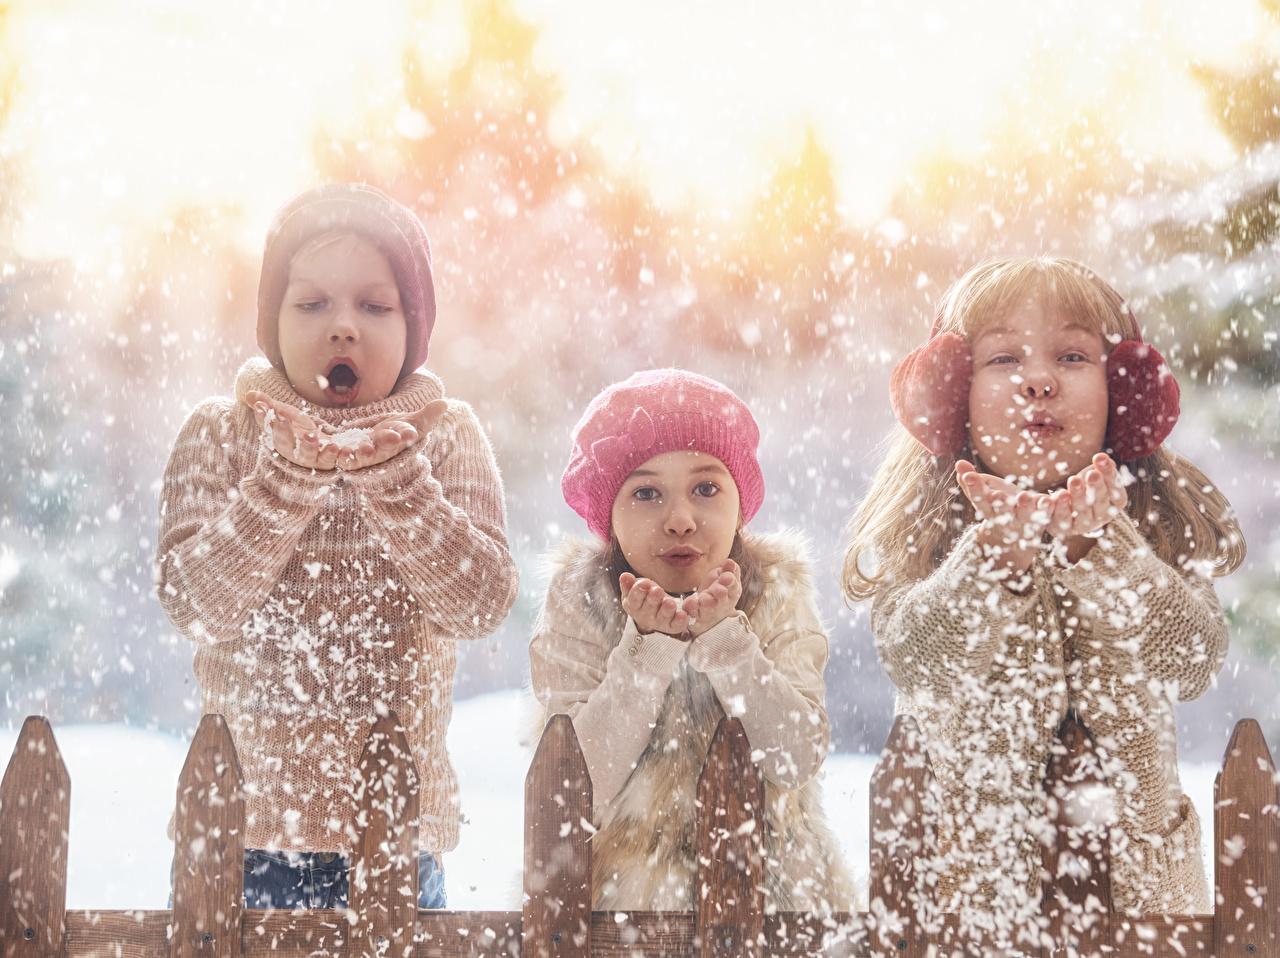 Обои для рабочего стола девочка мальчишки ребёнок Зима снега три Руки Девочки мальчик Мальчики мальчишка Дети зимние Снег снеге снегу рука Трое 3 втроем